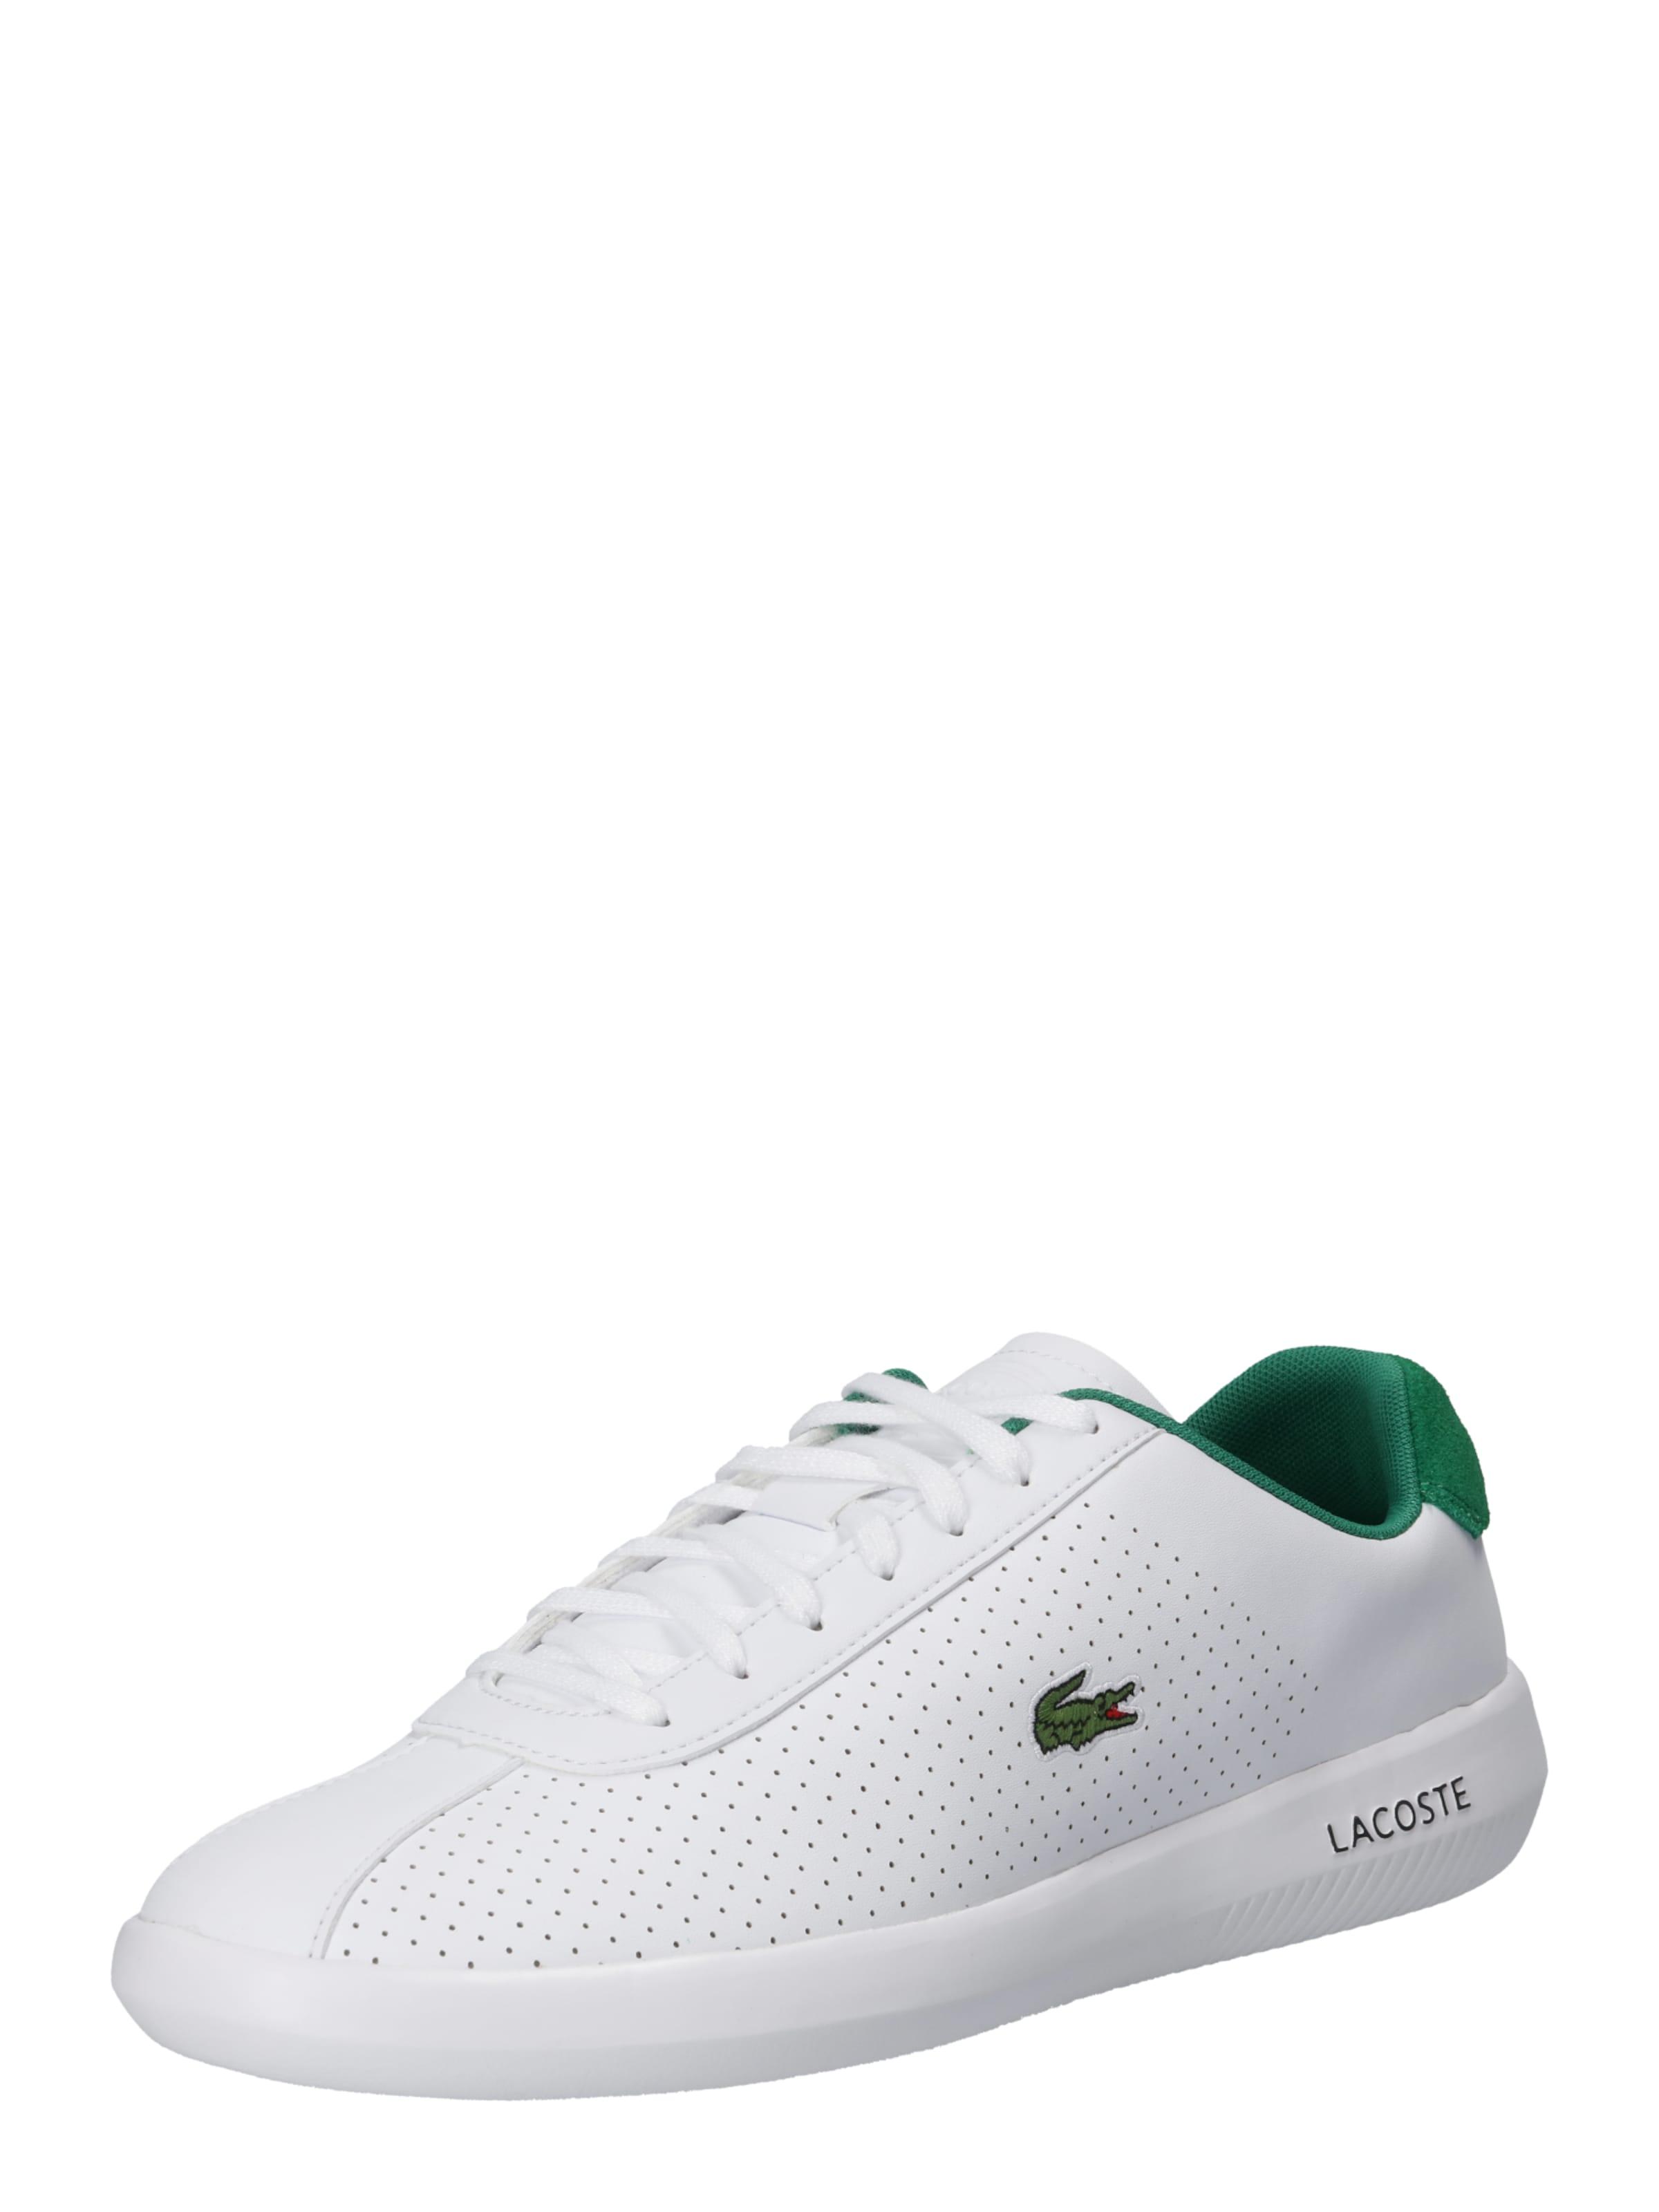 LACOSTE Sneaker  AVANCE 318